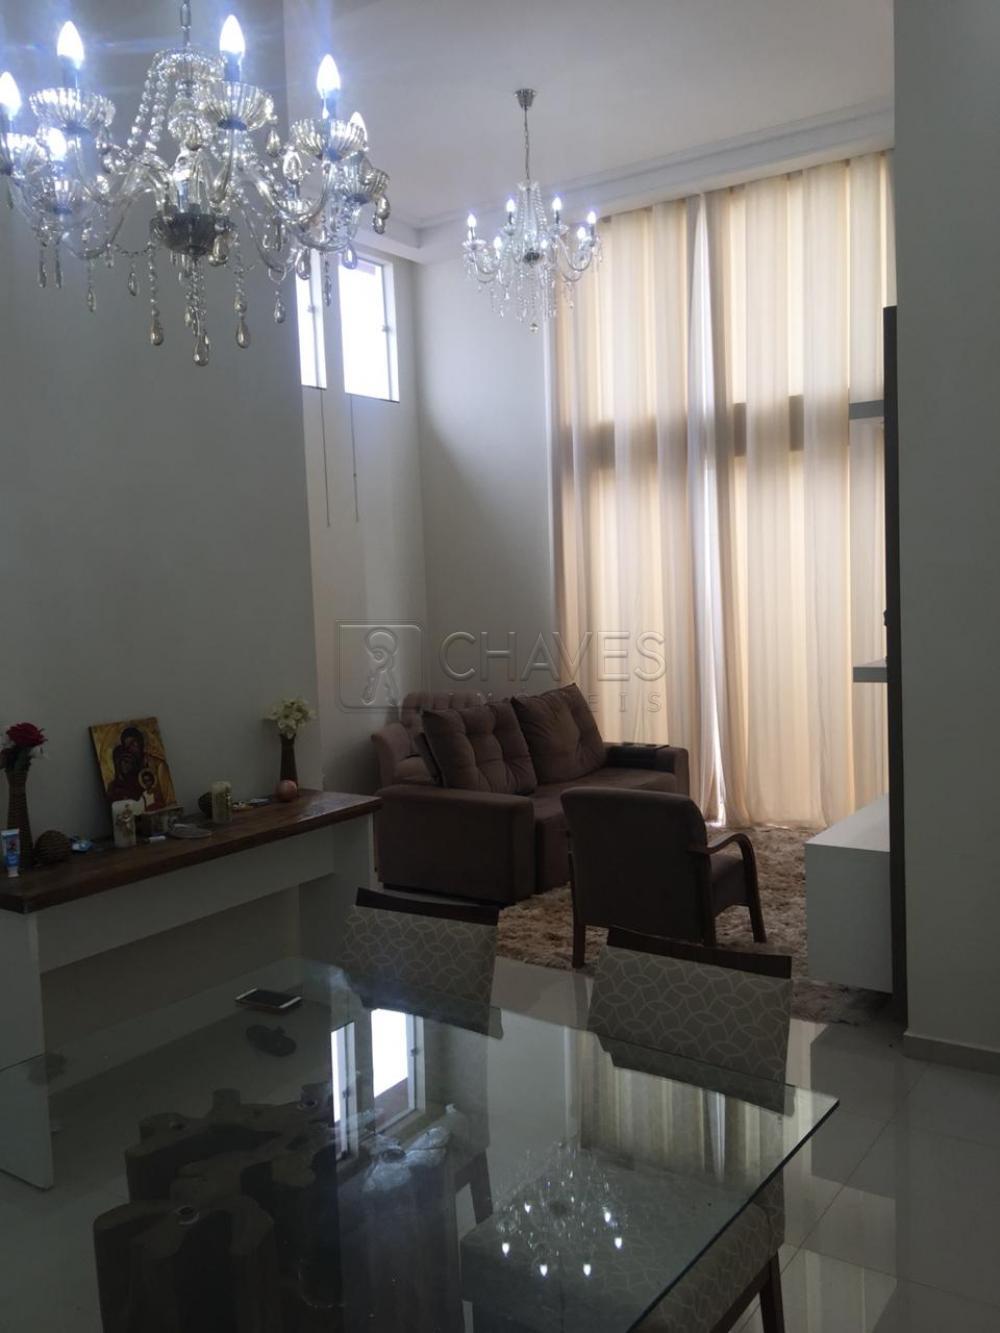 Comprar Casa / Condomínio em Ribeirão Preto apenas R$ 730.000,00 - Foto 4